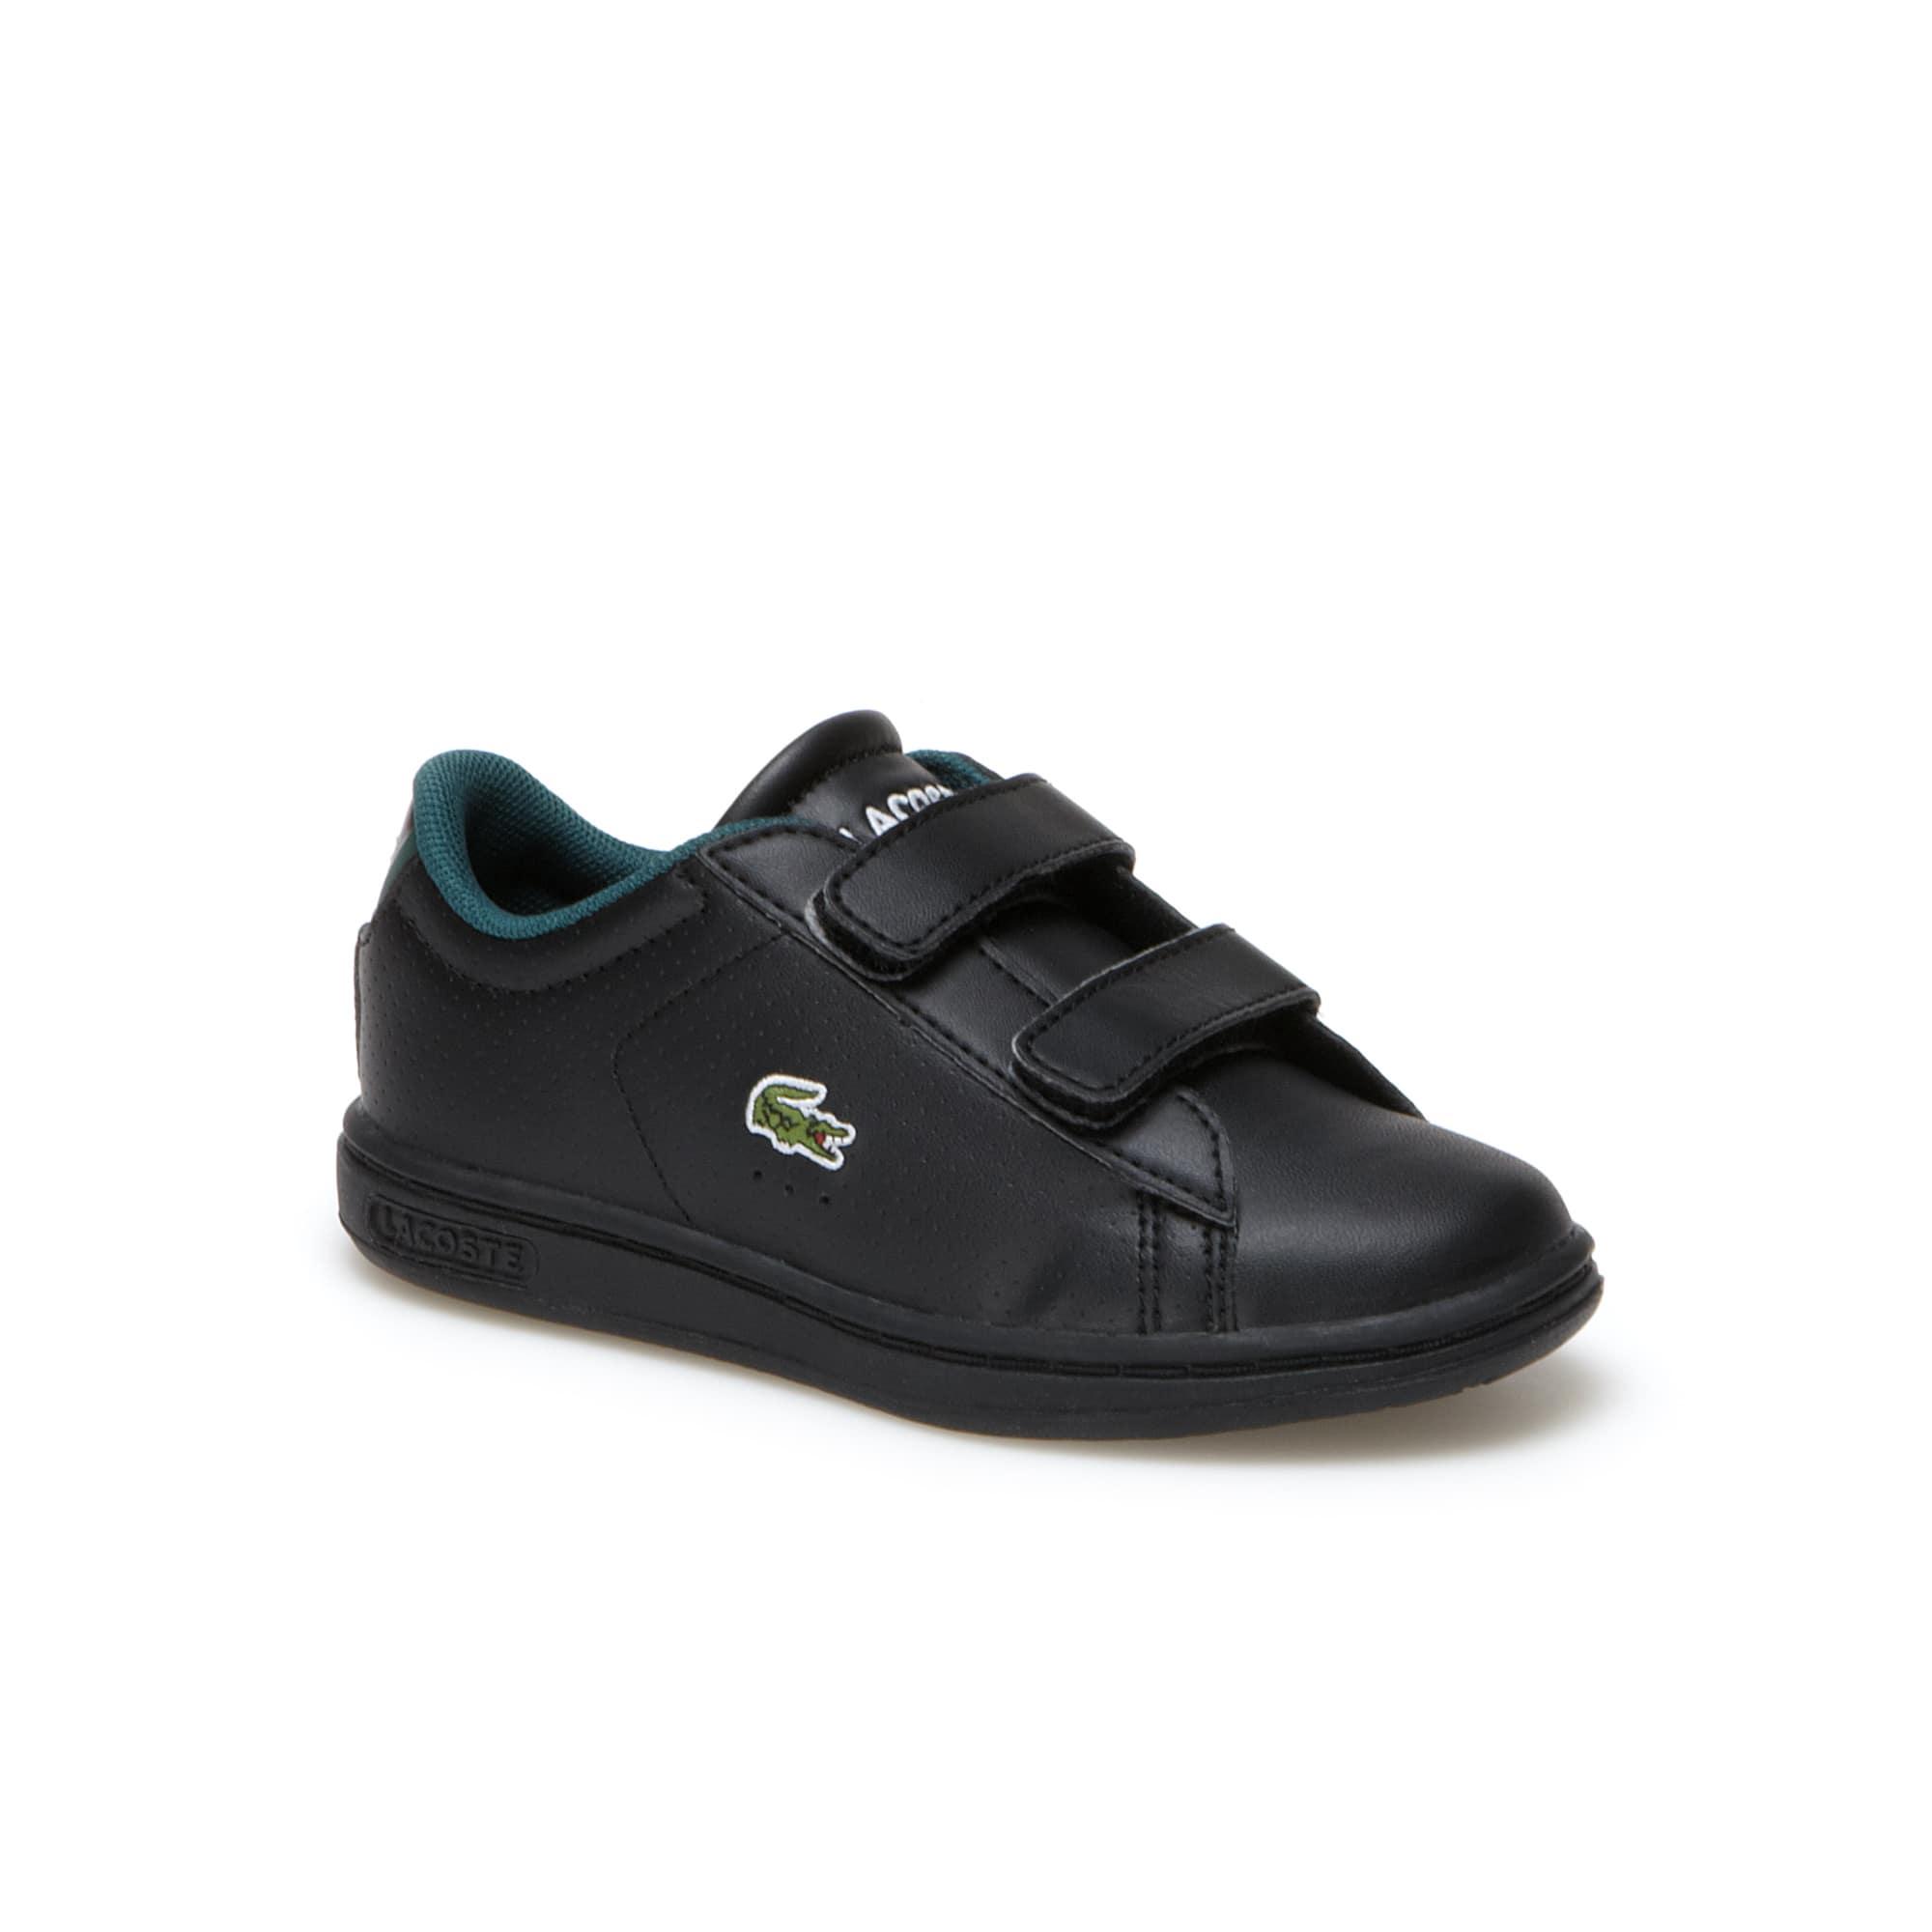 Sneakers Carnaby Evo con tiras de cierre adherente